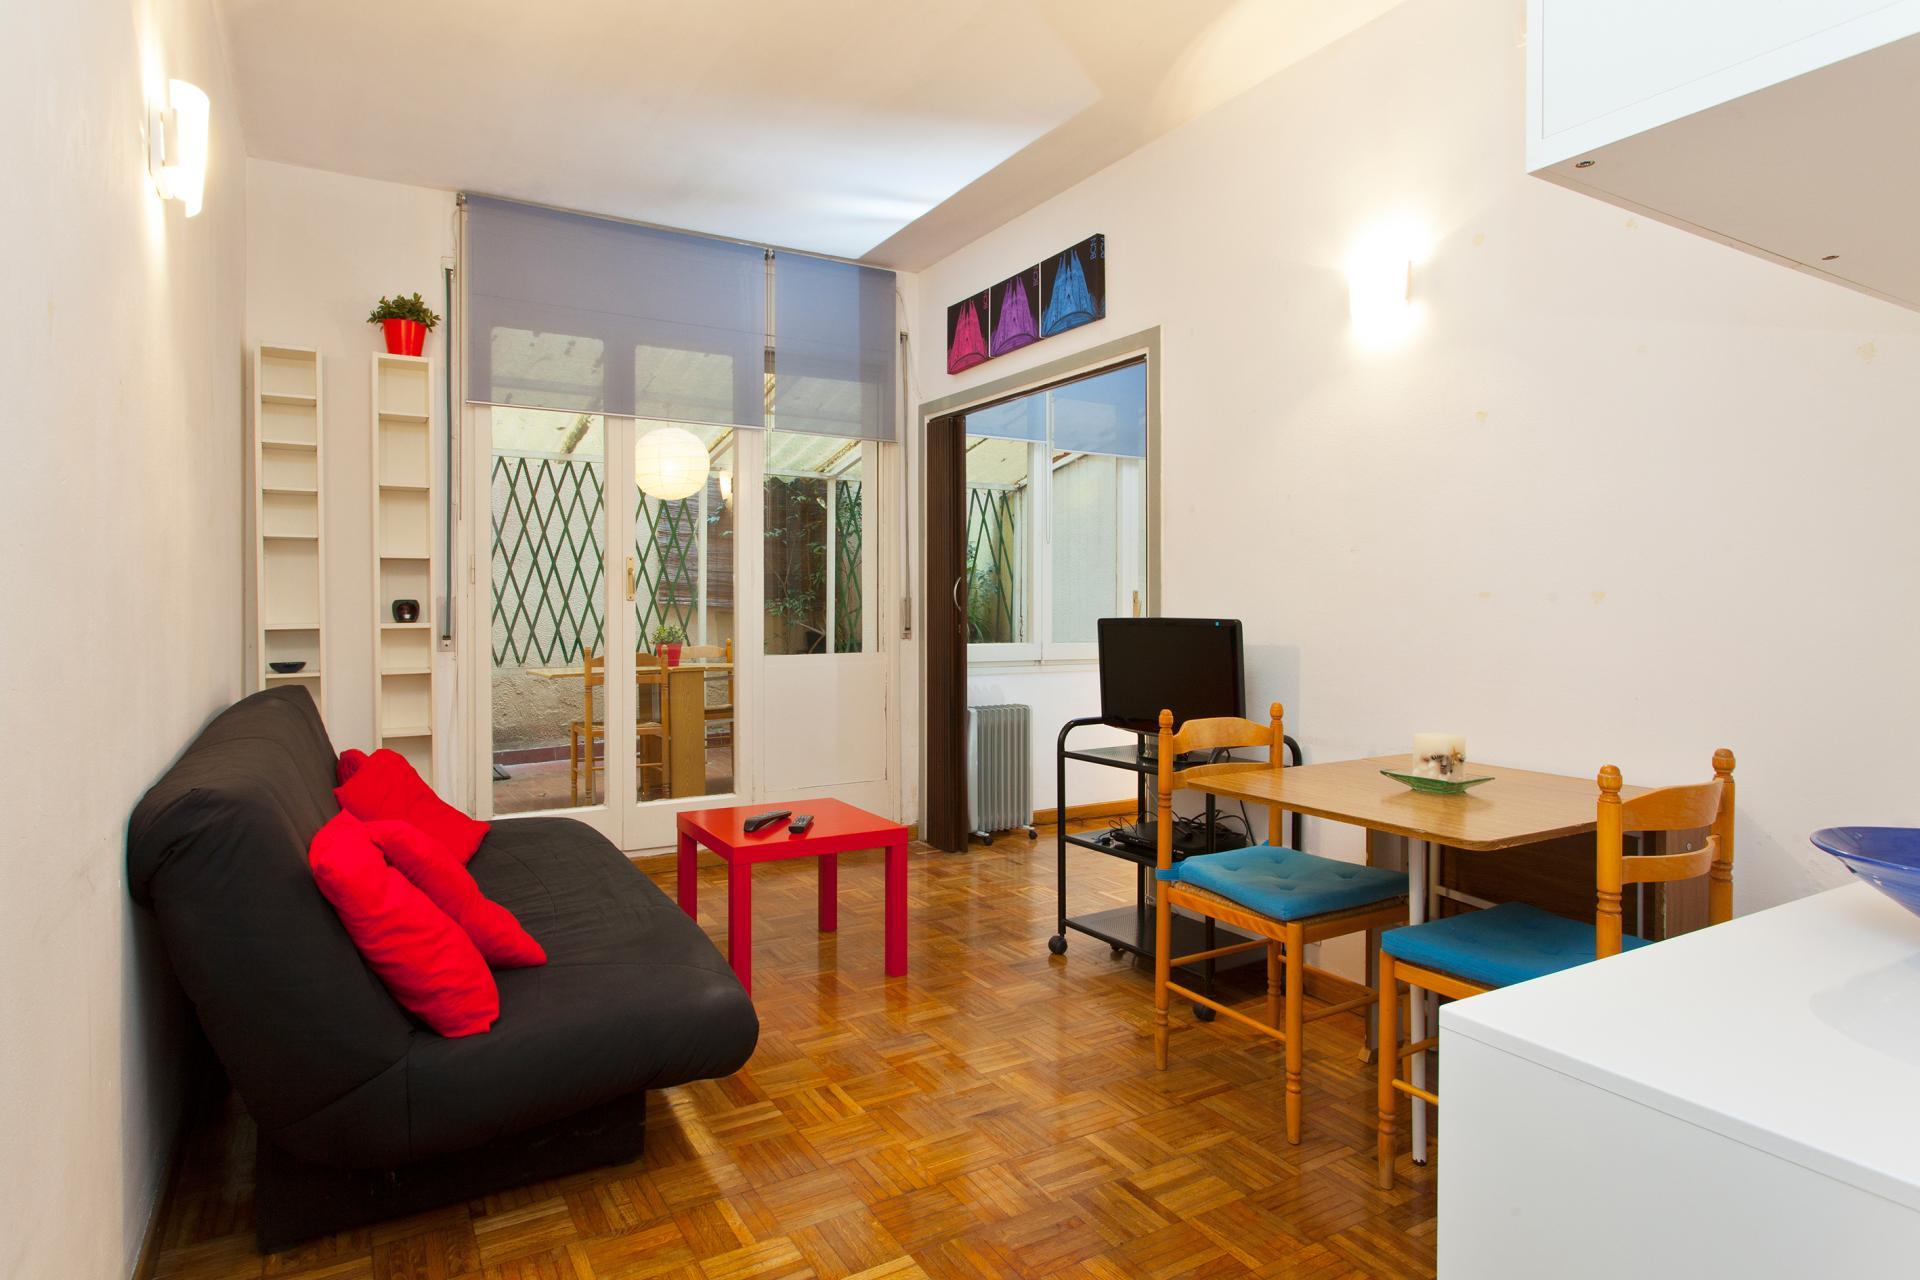 Apartamento para alugar no Distrito de Sants